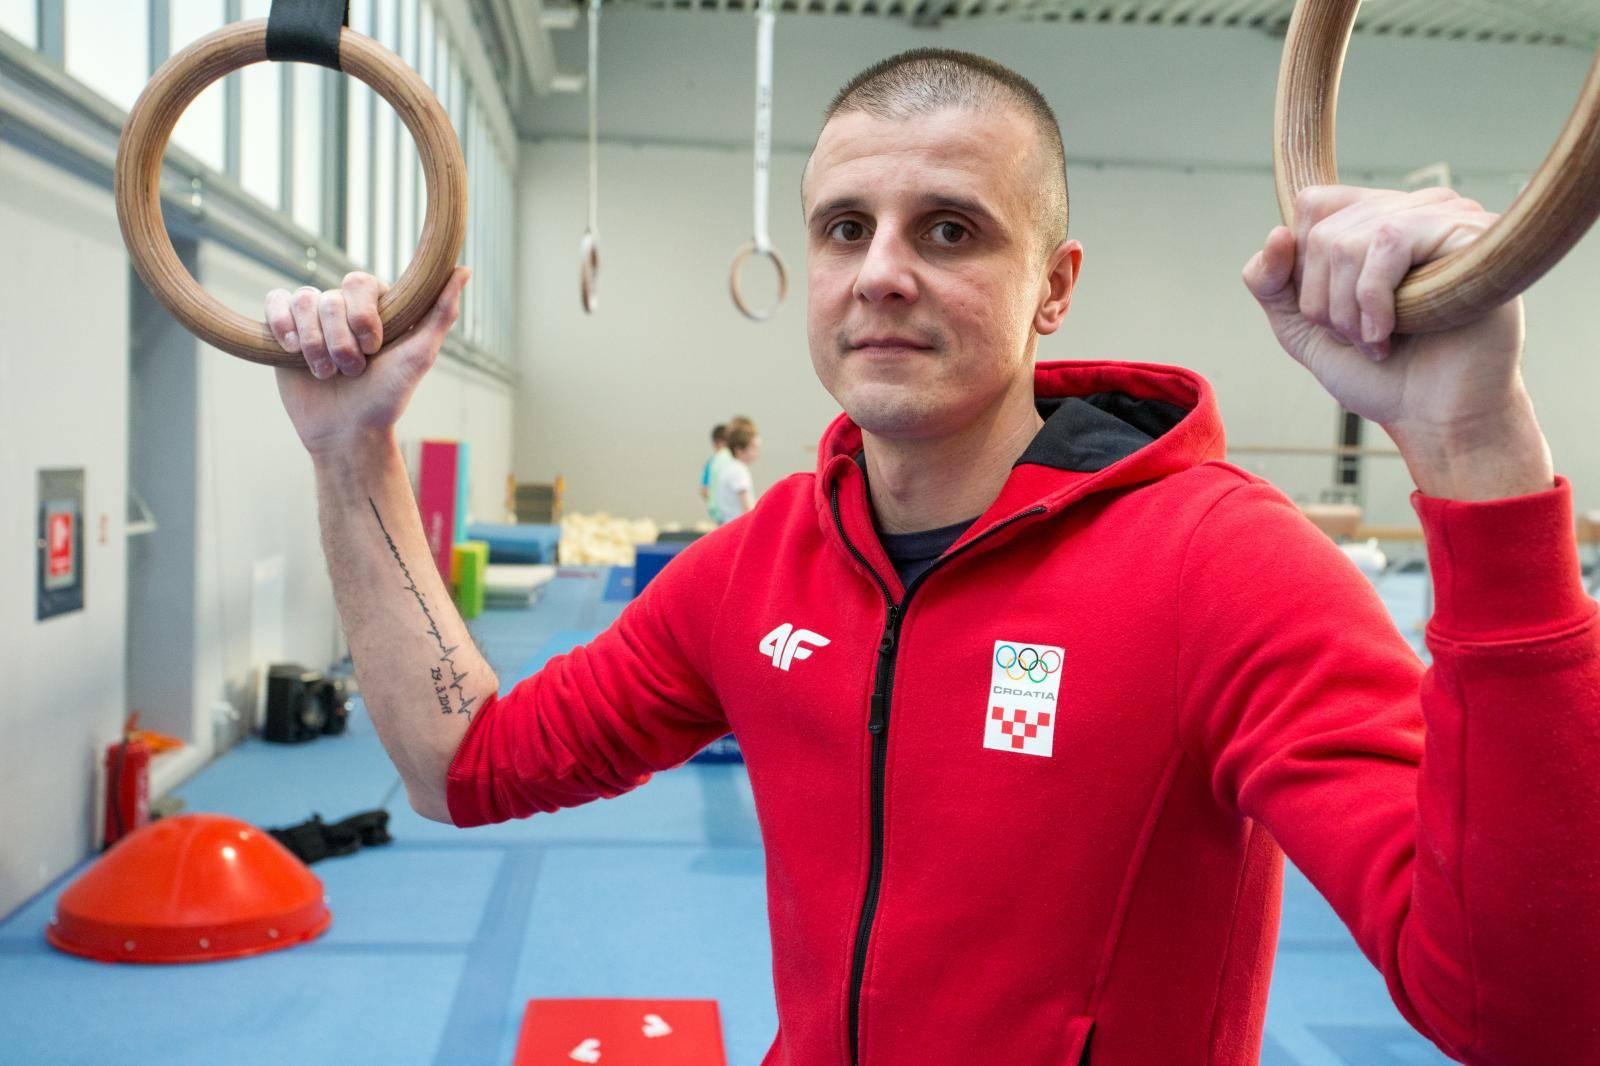 Tomislav ima mini uređaj koji šalje alarm kad mu staje srce